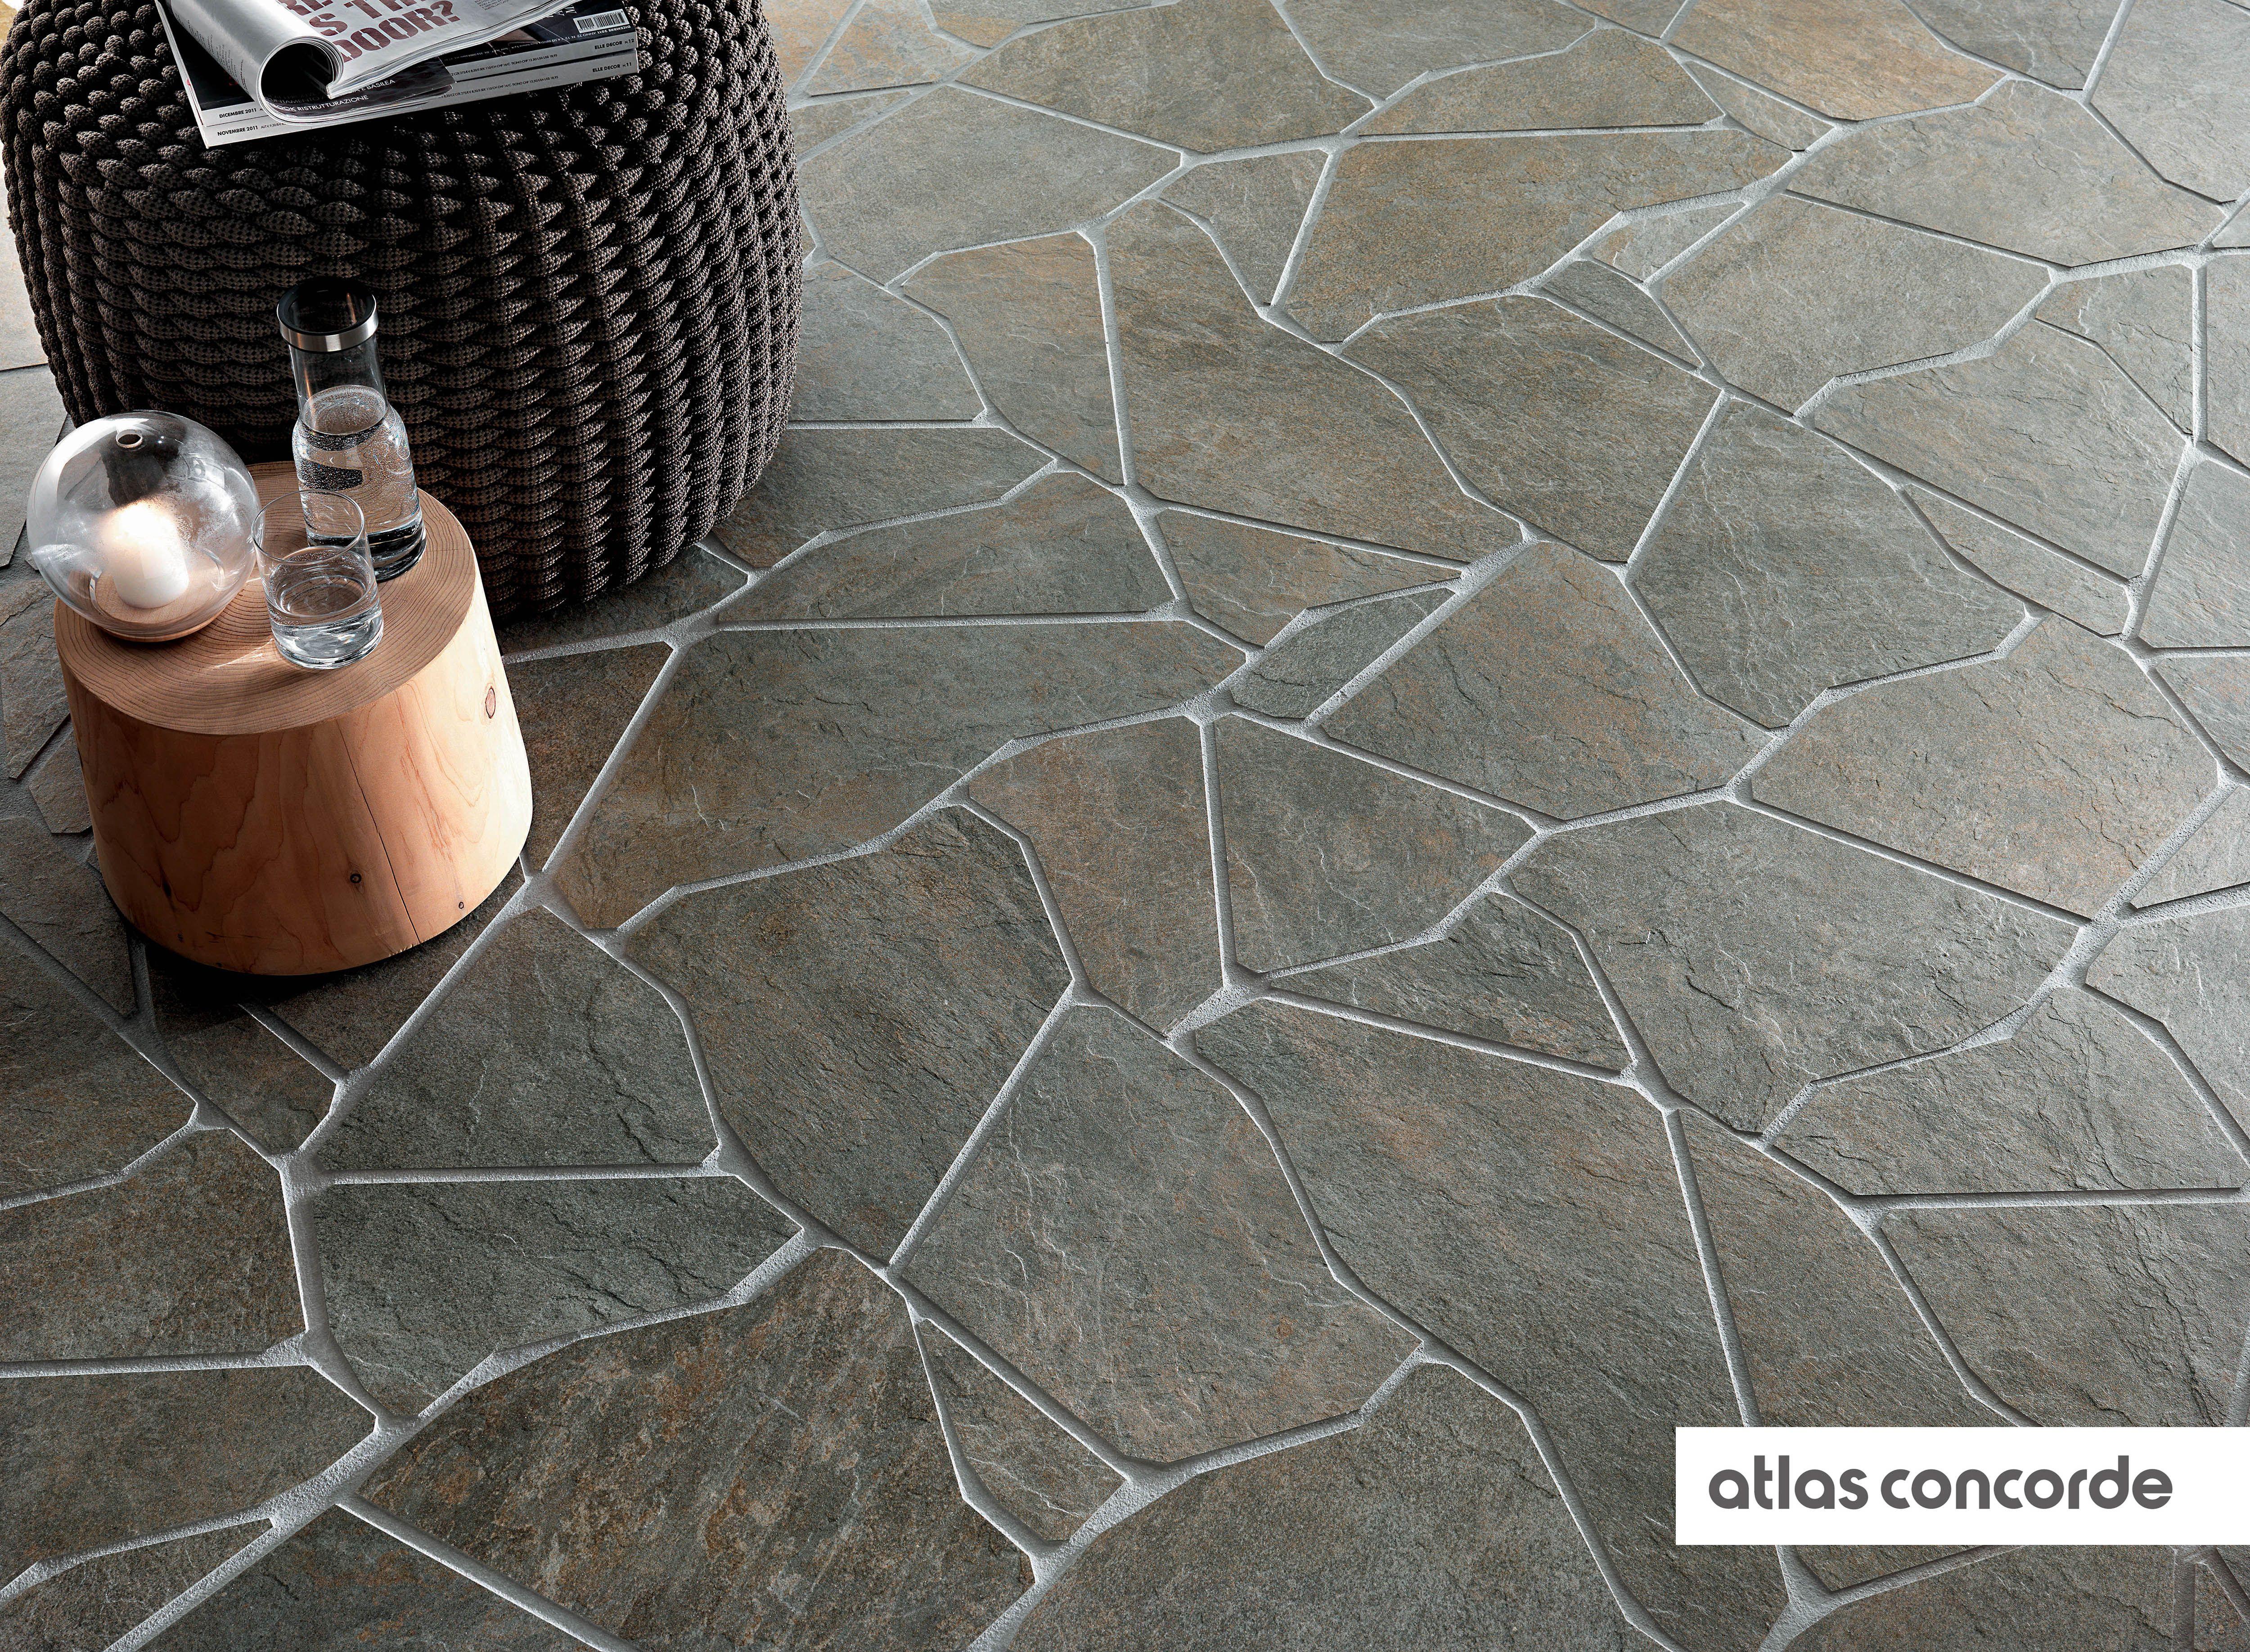 Dipingere Pavimento In Gres atlas concorde: piastrelle in ceramica e gres porcellanato